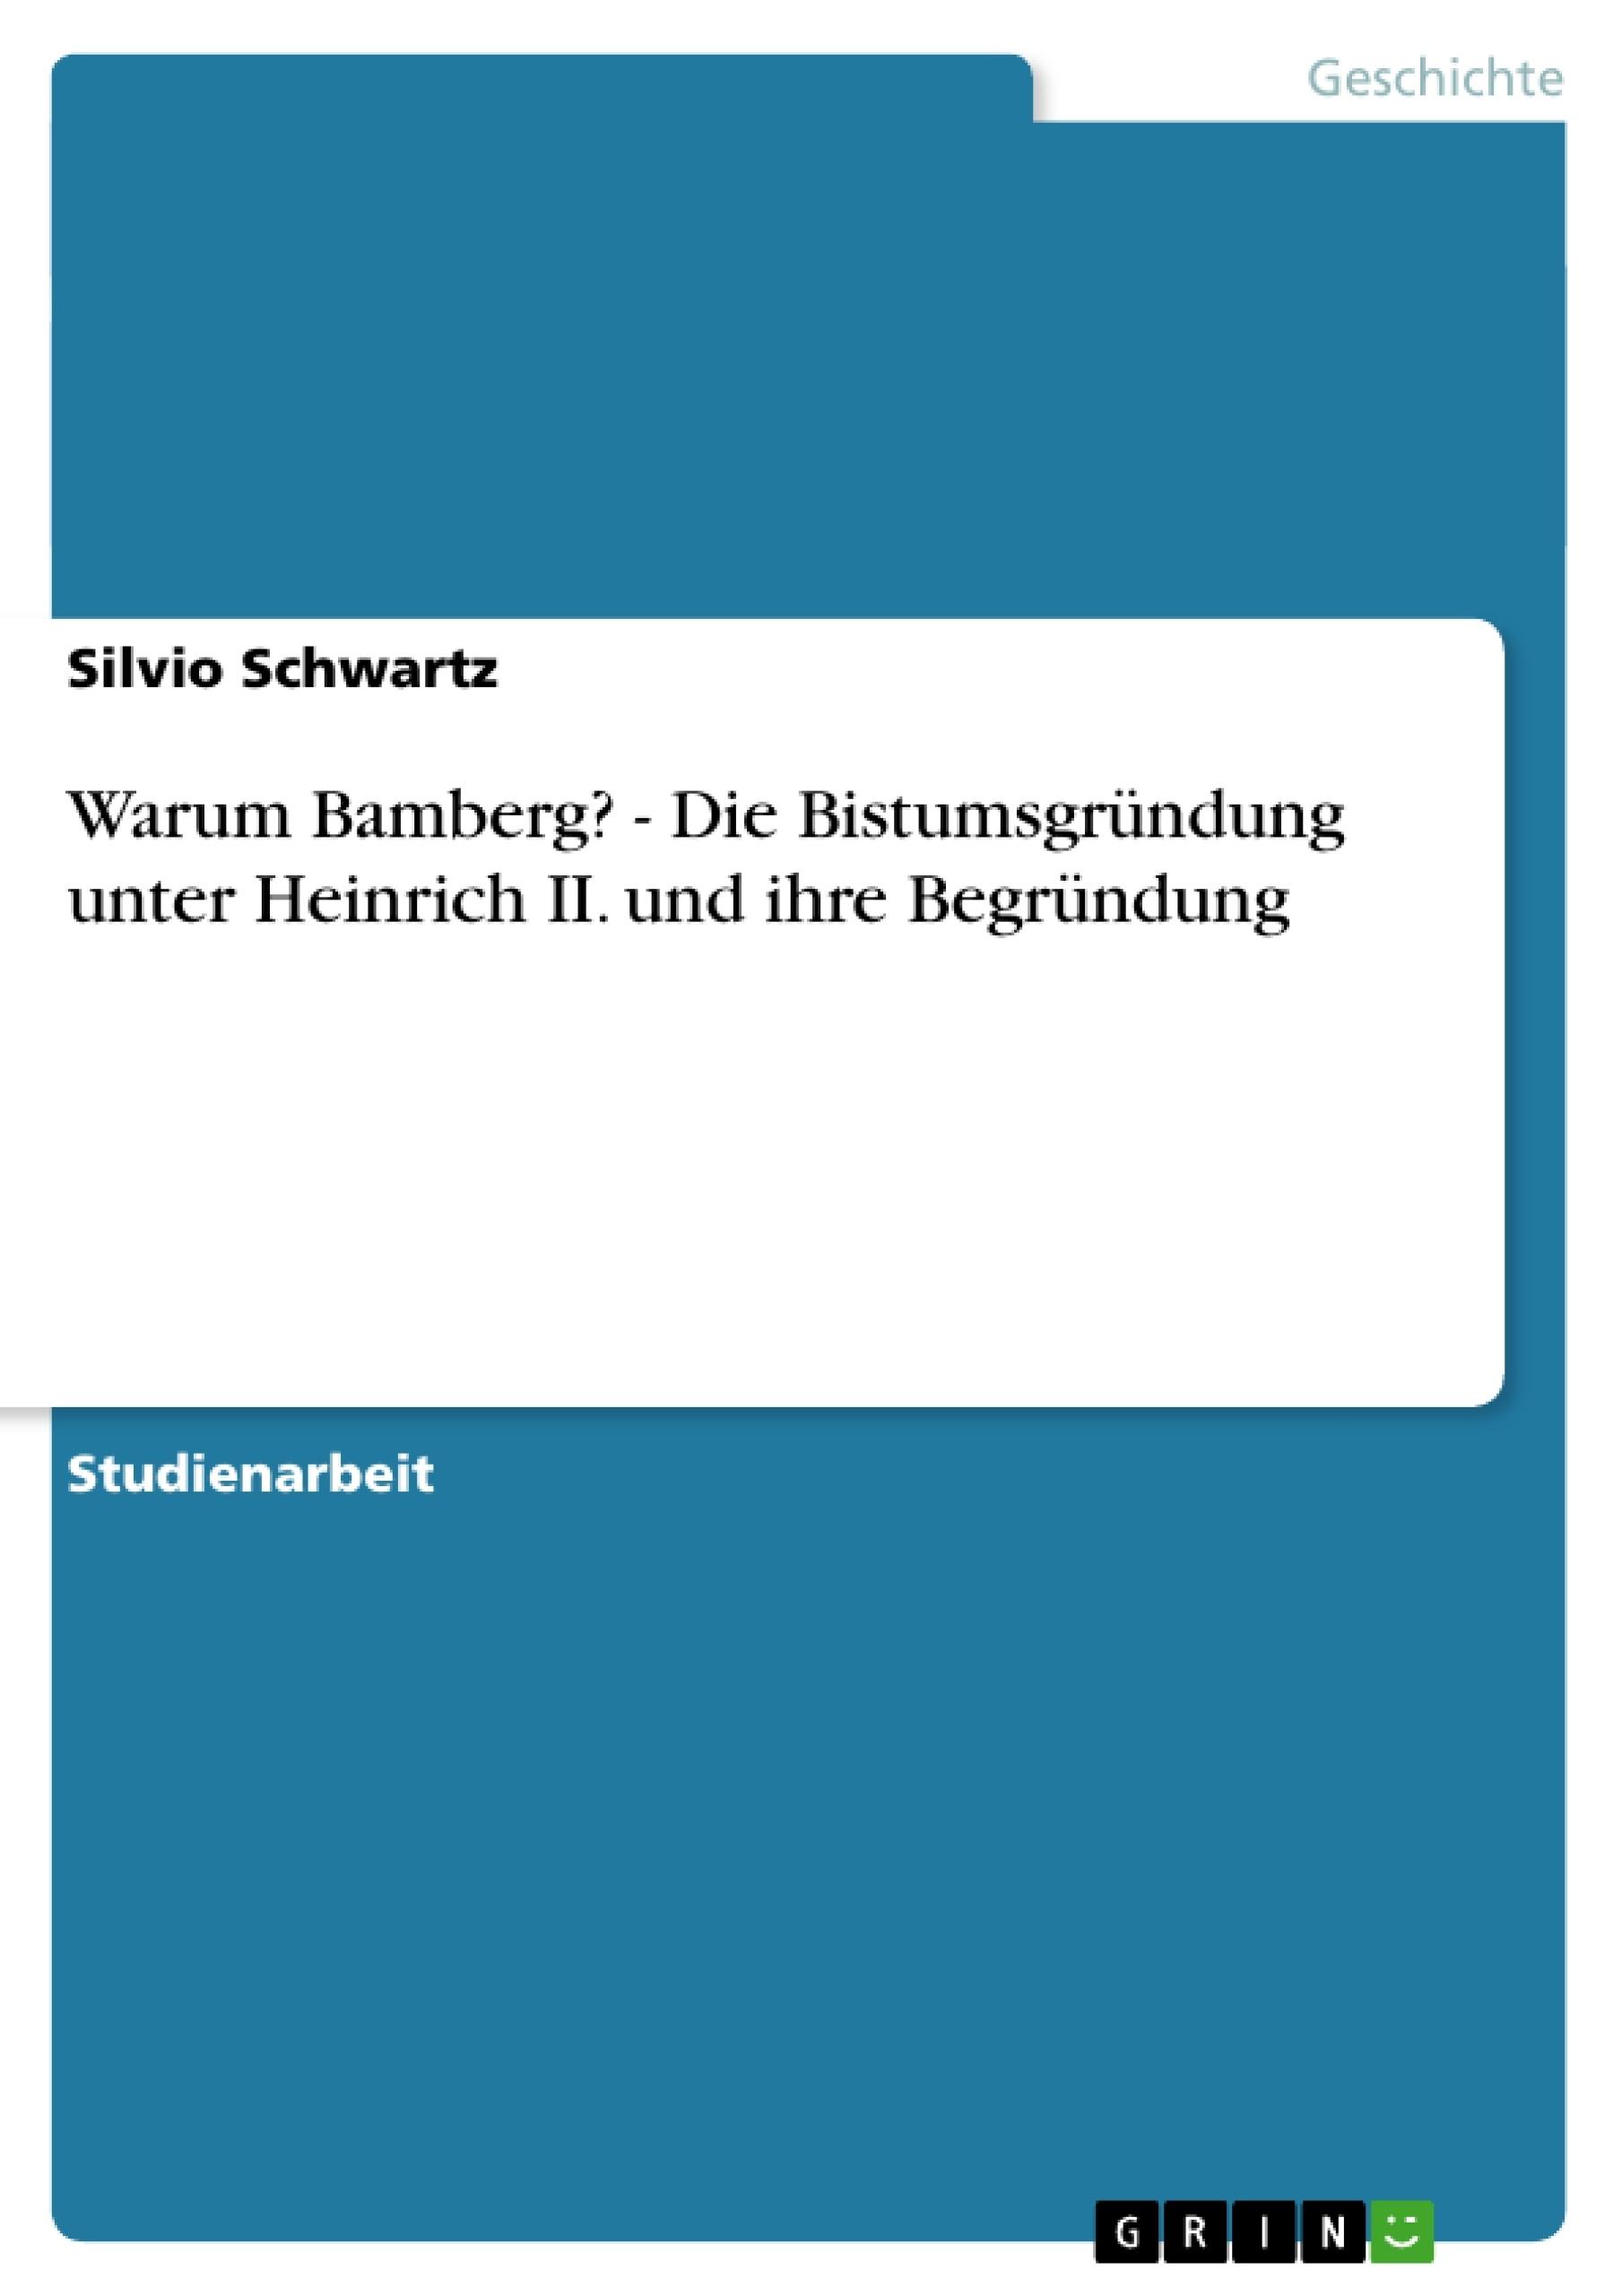 Titel: Warum Bamberg? - Die Bistumsgründung unter Heinrich II. und ihre Begründung